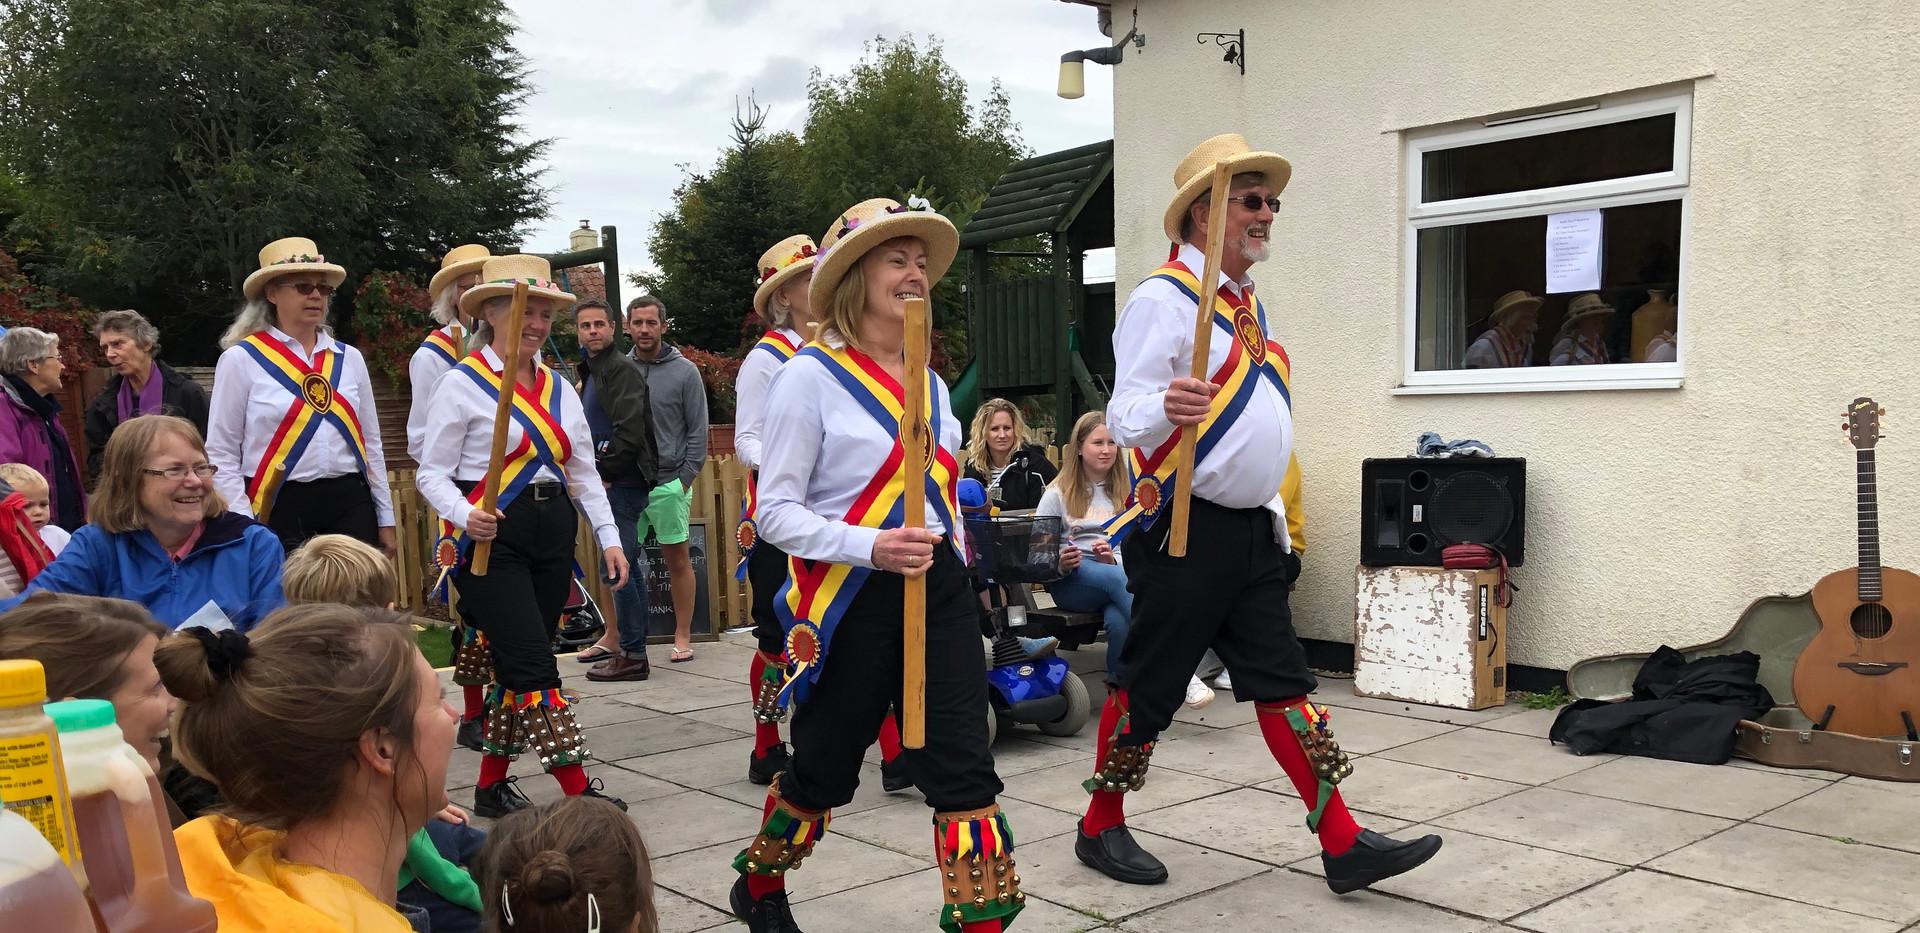 Mendip Morris dancers